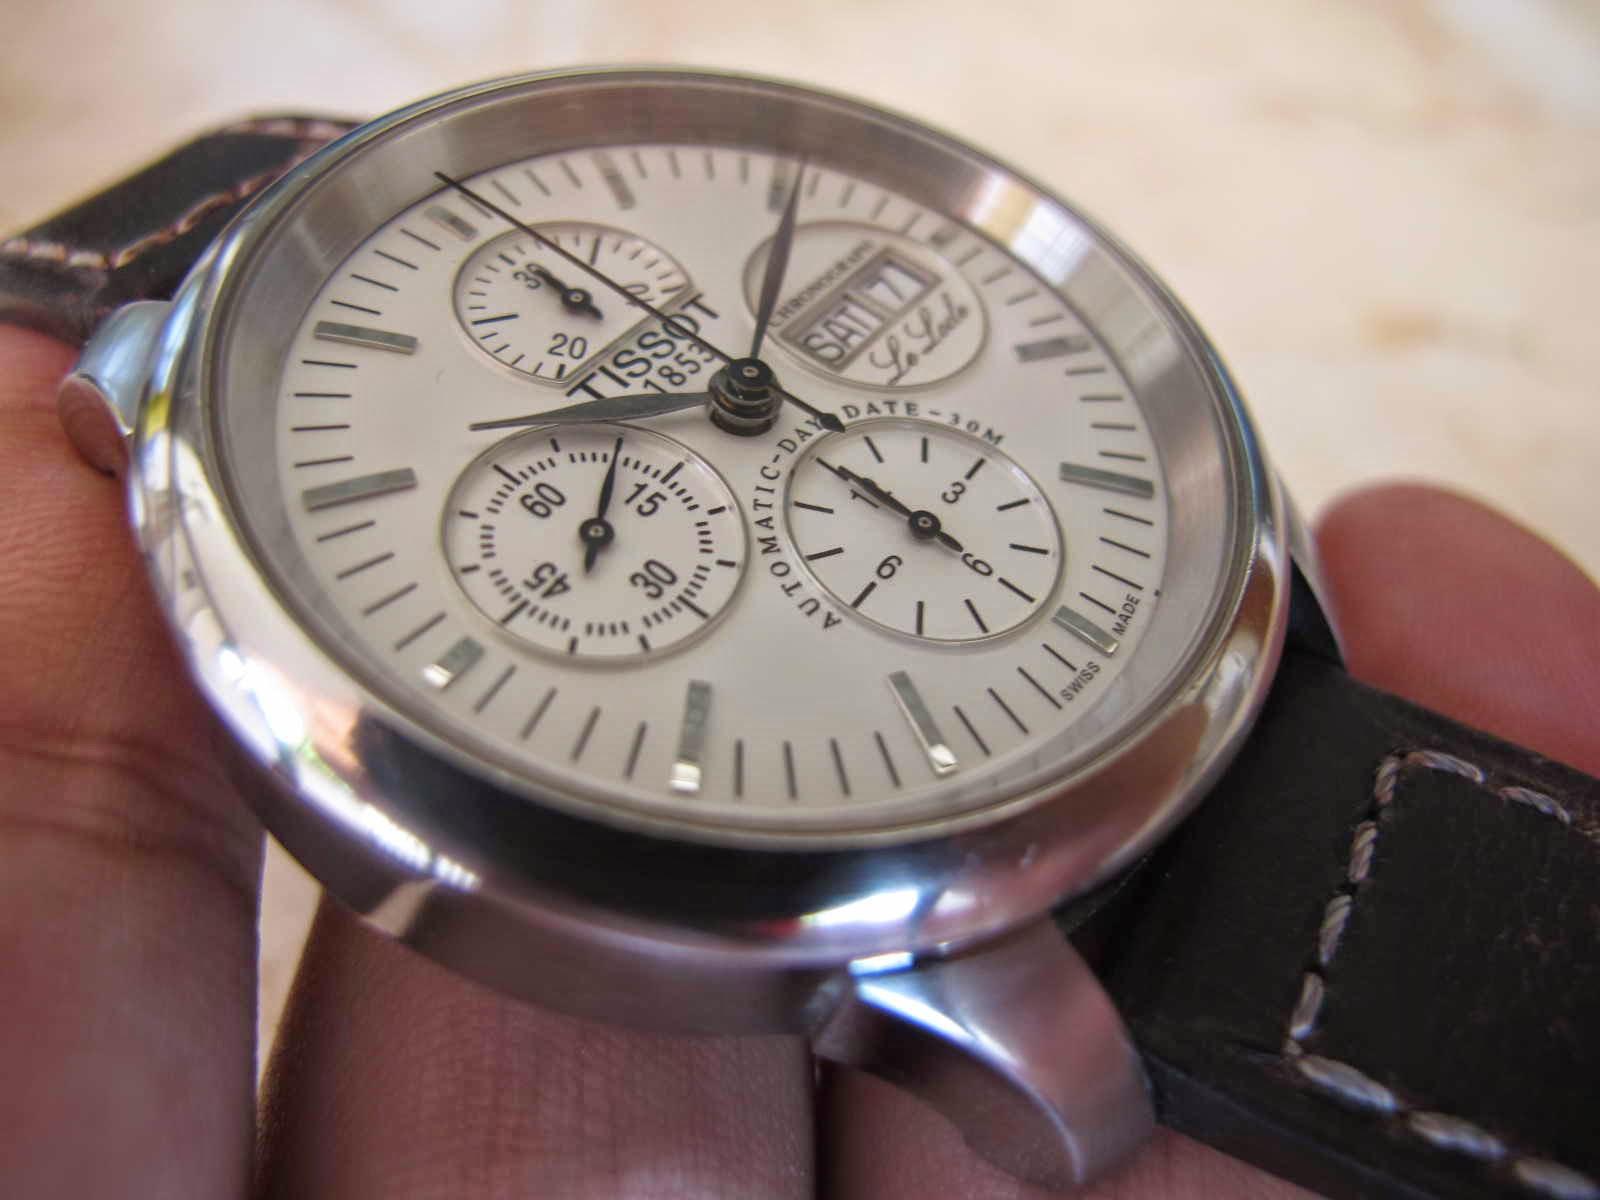 Kondisi TISSOT LE LOCLE Chronograph ini SUPERB cocok untuk Anda yang sedang mencari jam tangan Swiss made Chronograph dengan model classis dan sekaligus